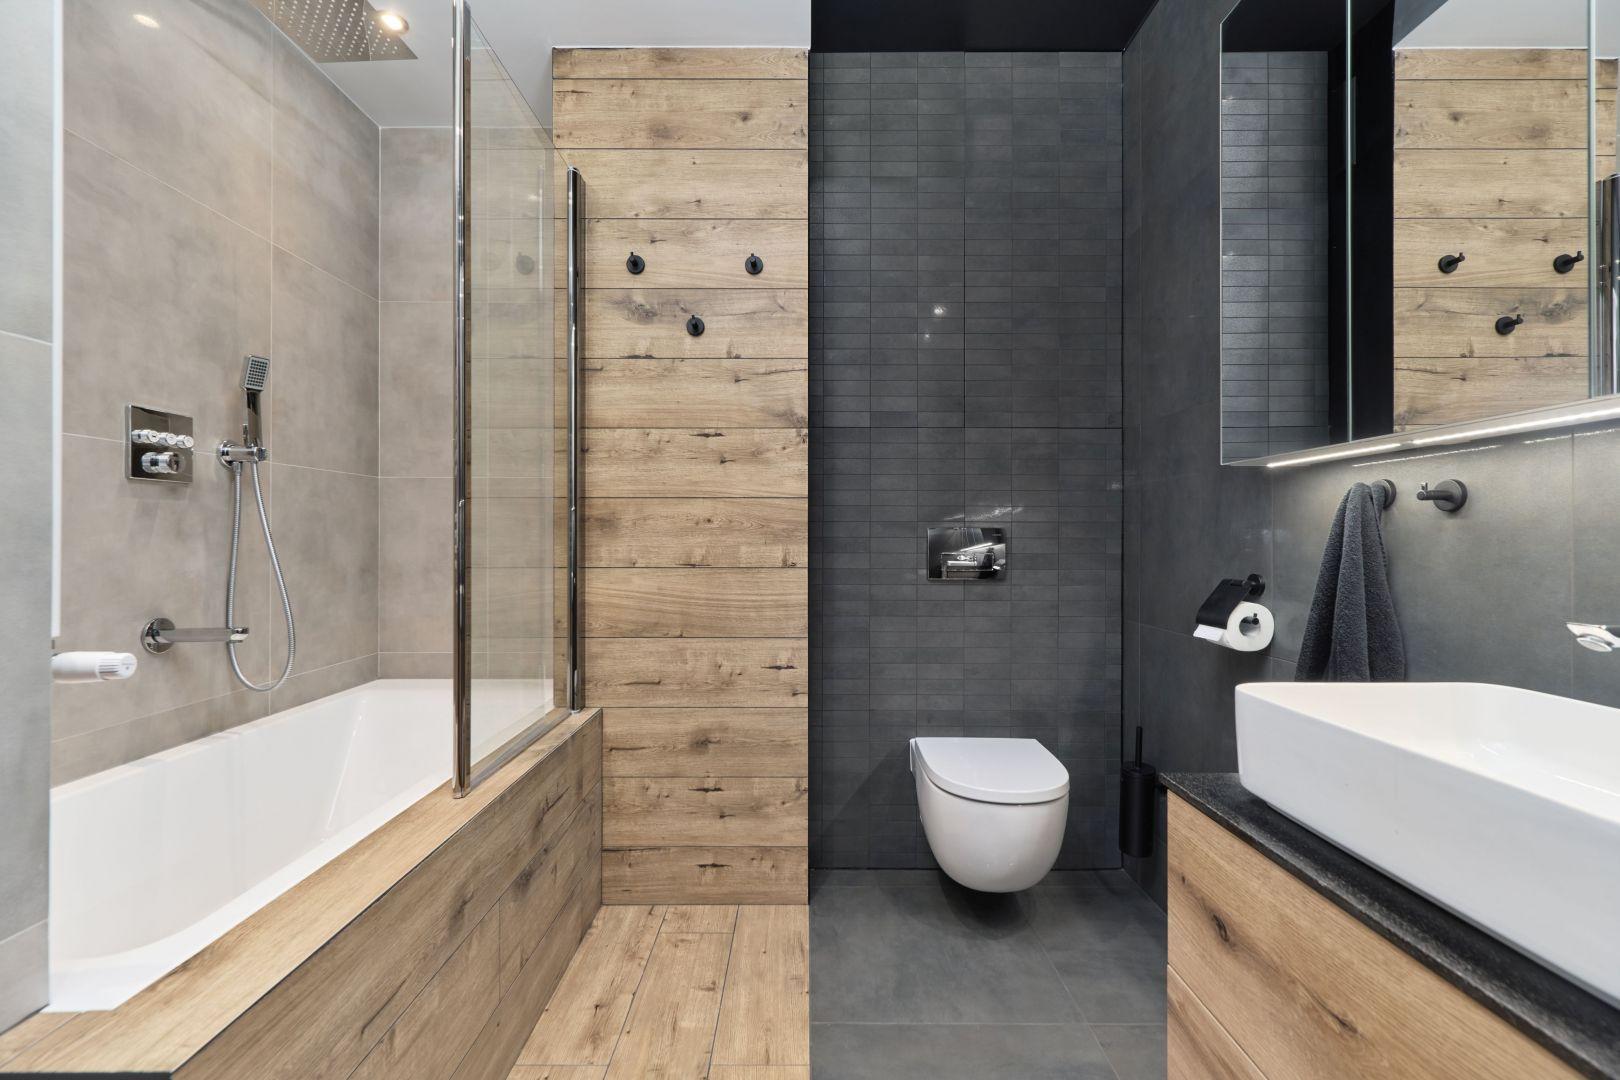 Łazienka o powierzchni siedmiu metrów kwadratowych została urządzono bardzo wygodnie. Projekt: Monika Staniec. Fot. Wojciech Dziadosz